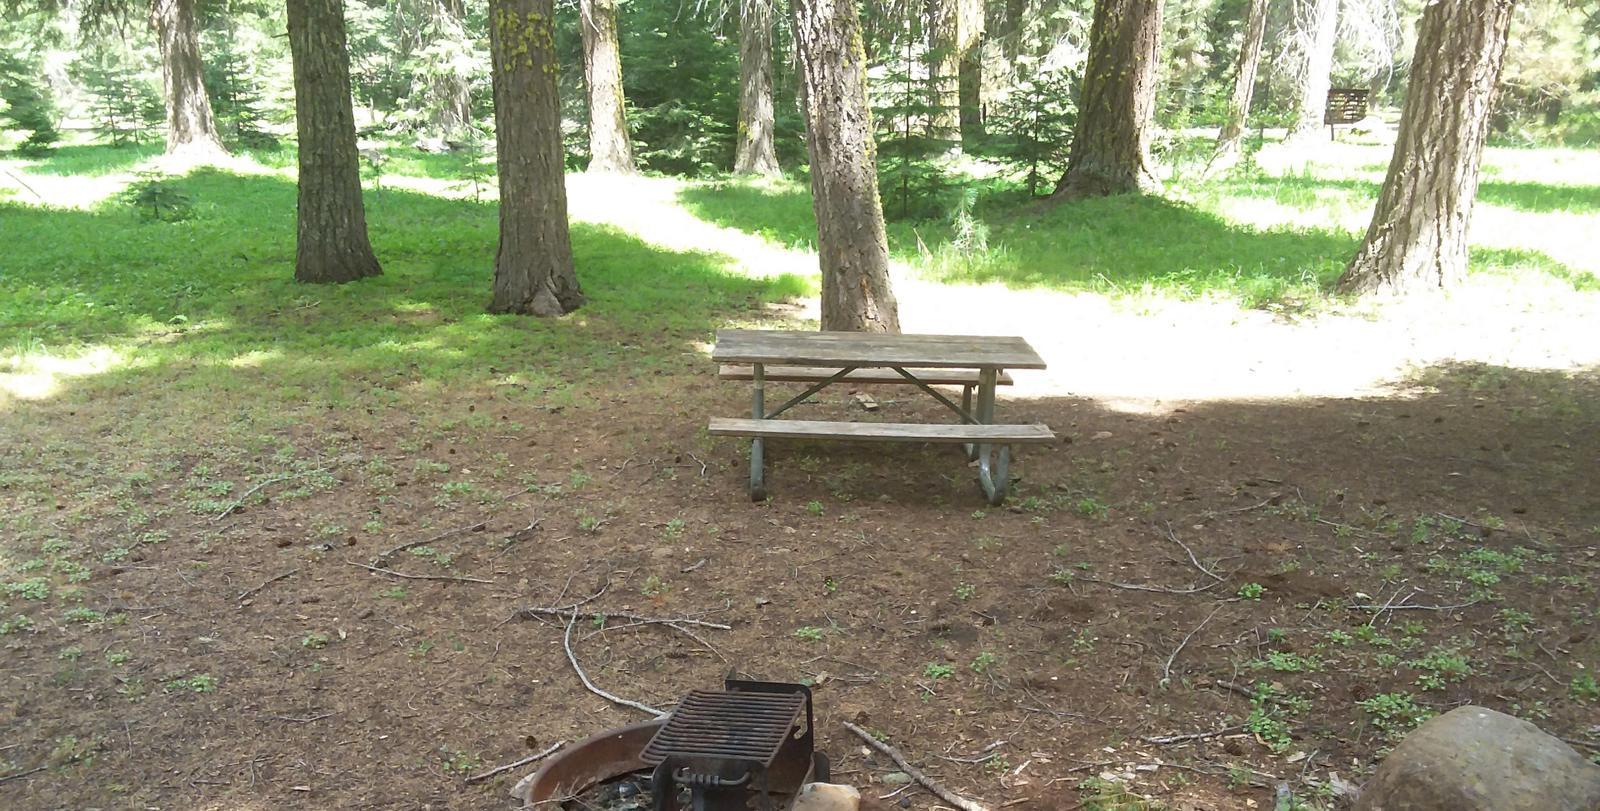 Campsite B21- Hyatt LakeCampsite 21, B Loop Hyatt Lake